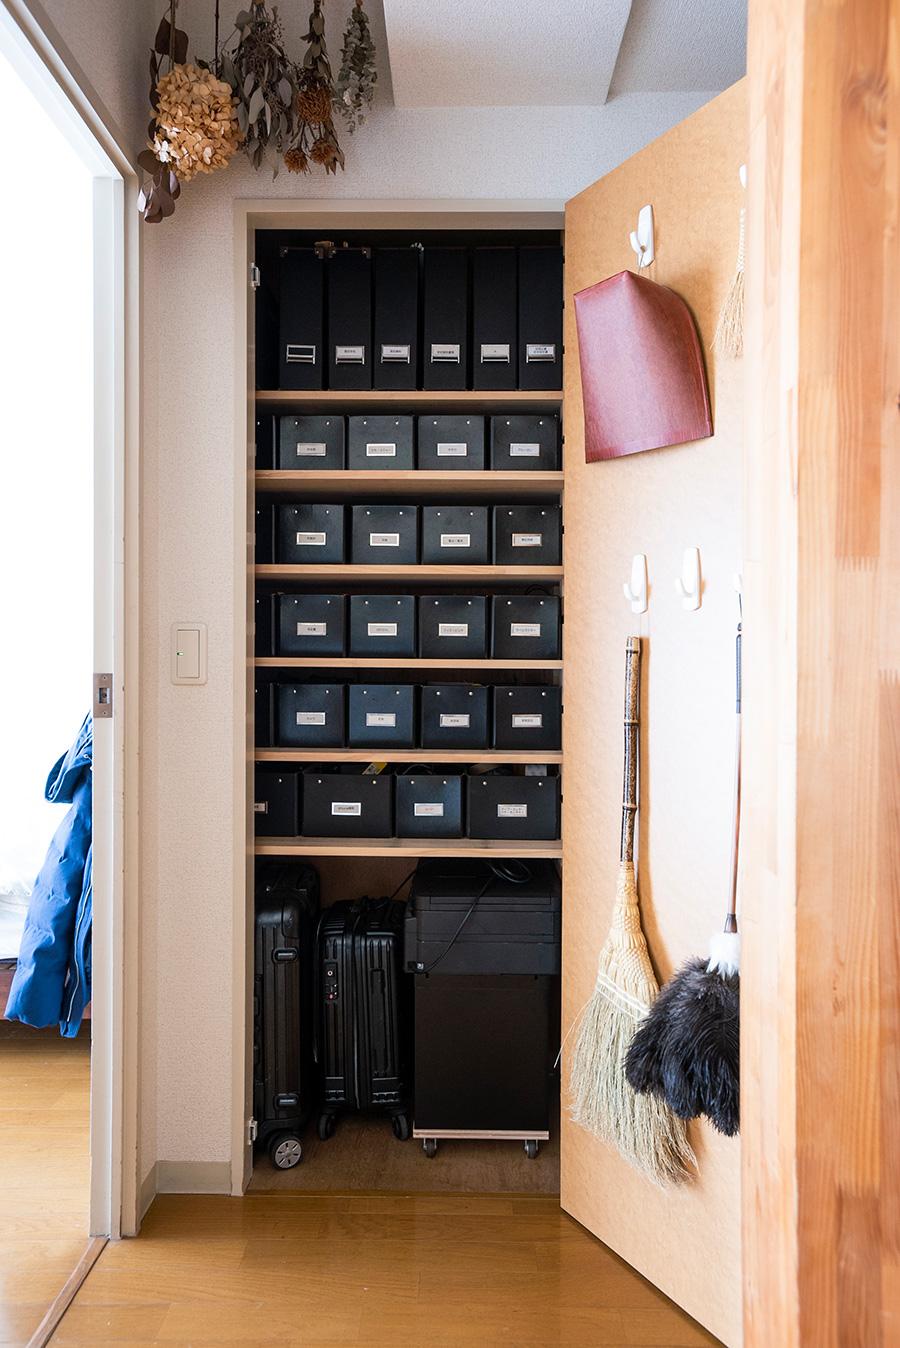 棚板を増やして使いやすくなった収納庫。右下に自作の台車つきキャビネット&プリンターを。掃除道具も引っ掛ければすっきり。